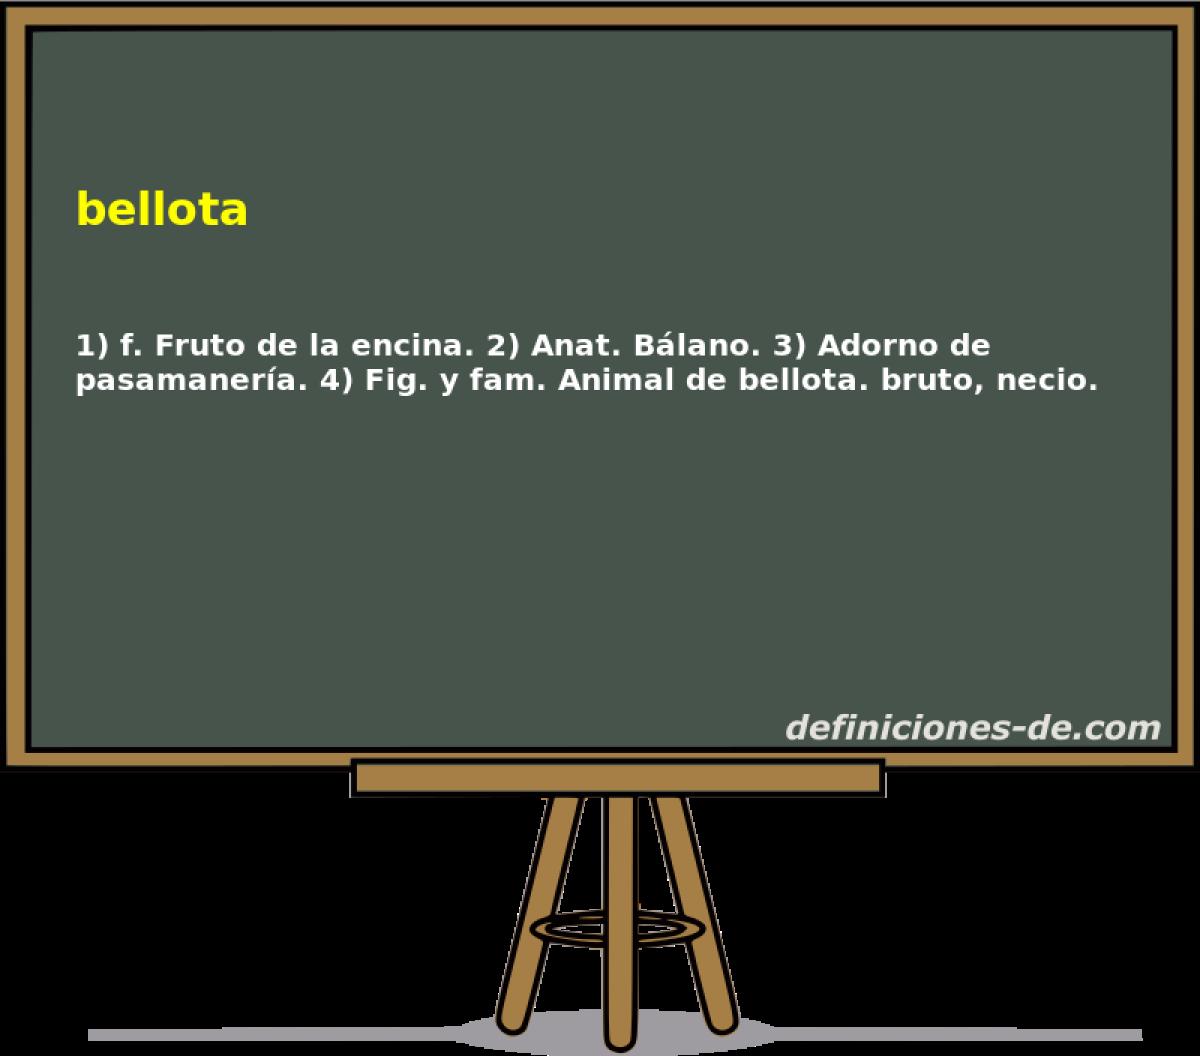 Qué significa Bellota?